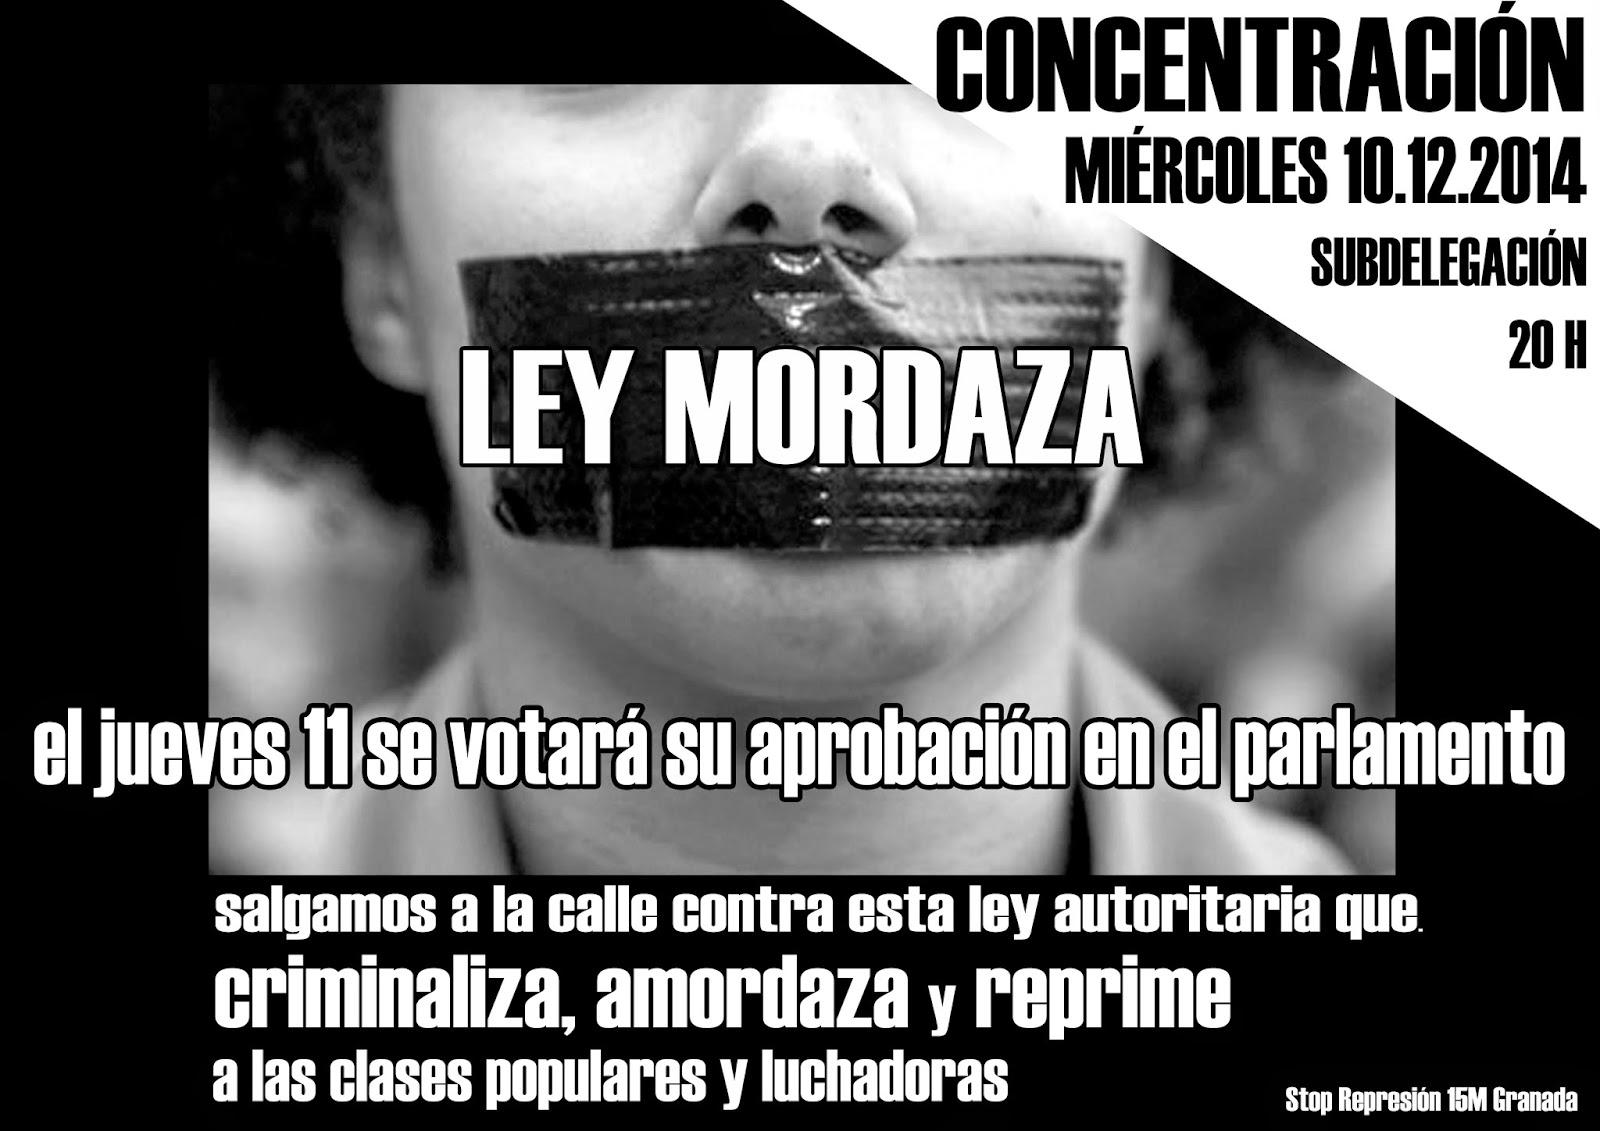 nosomosdelito.net/article/2014/12/04/quieres-parar-la-ley-mordazatienes-twitter-ahora-es-tu-momento